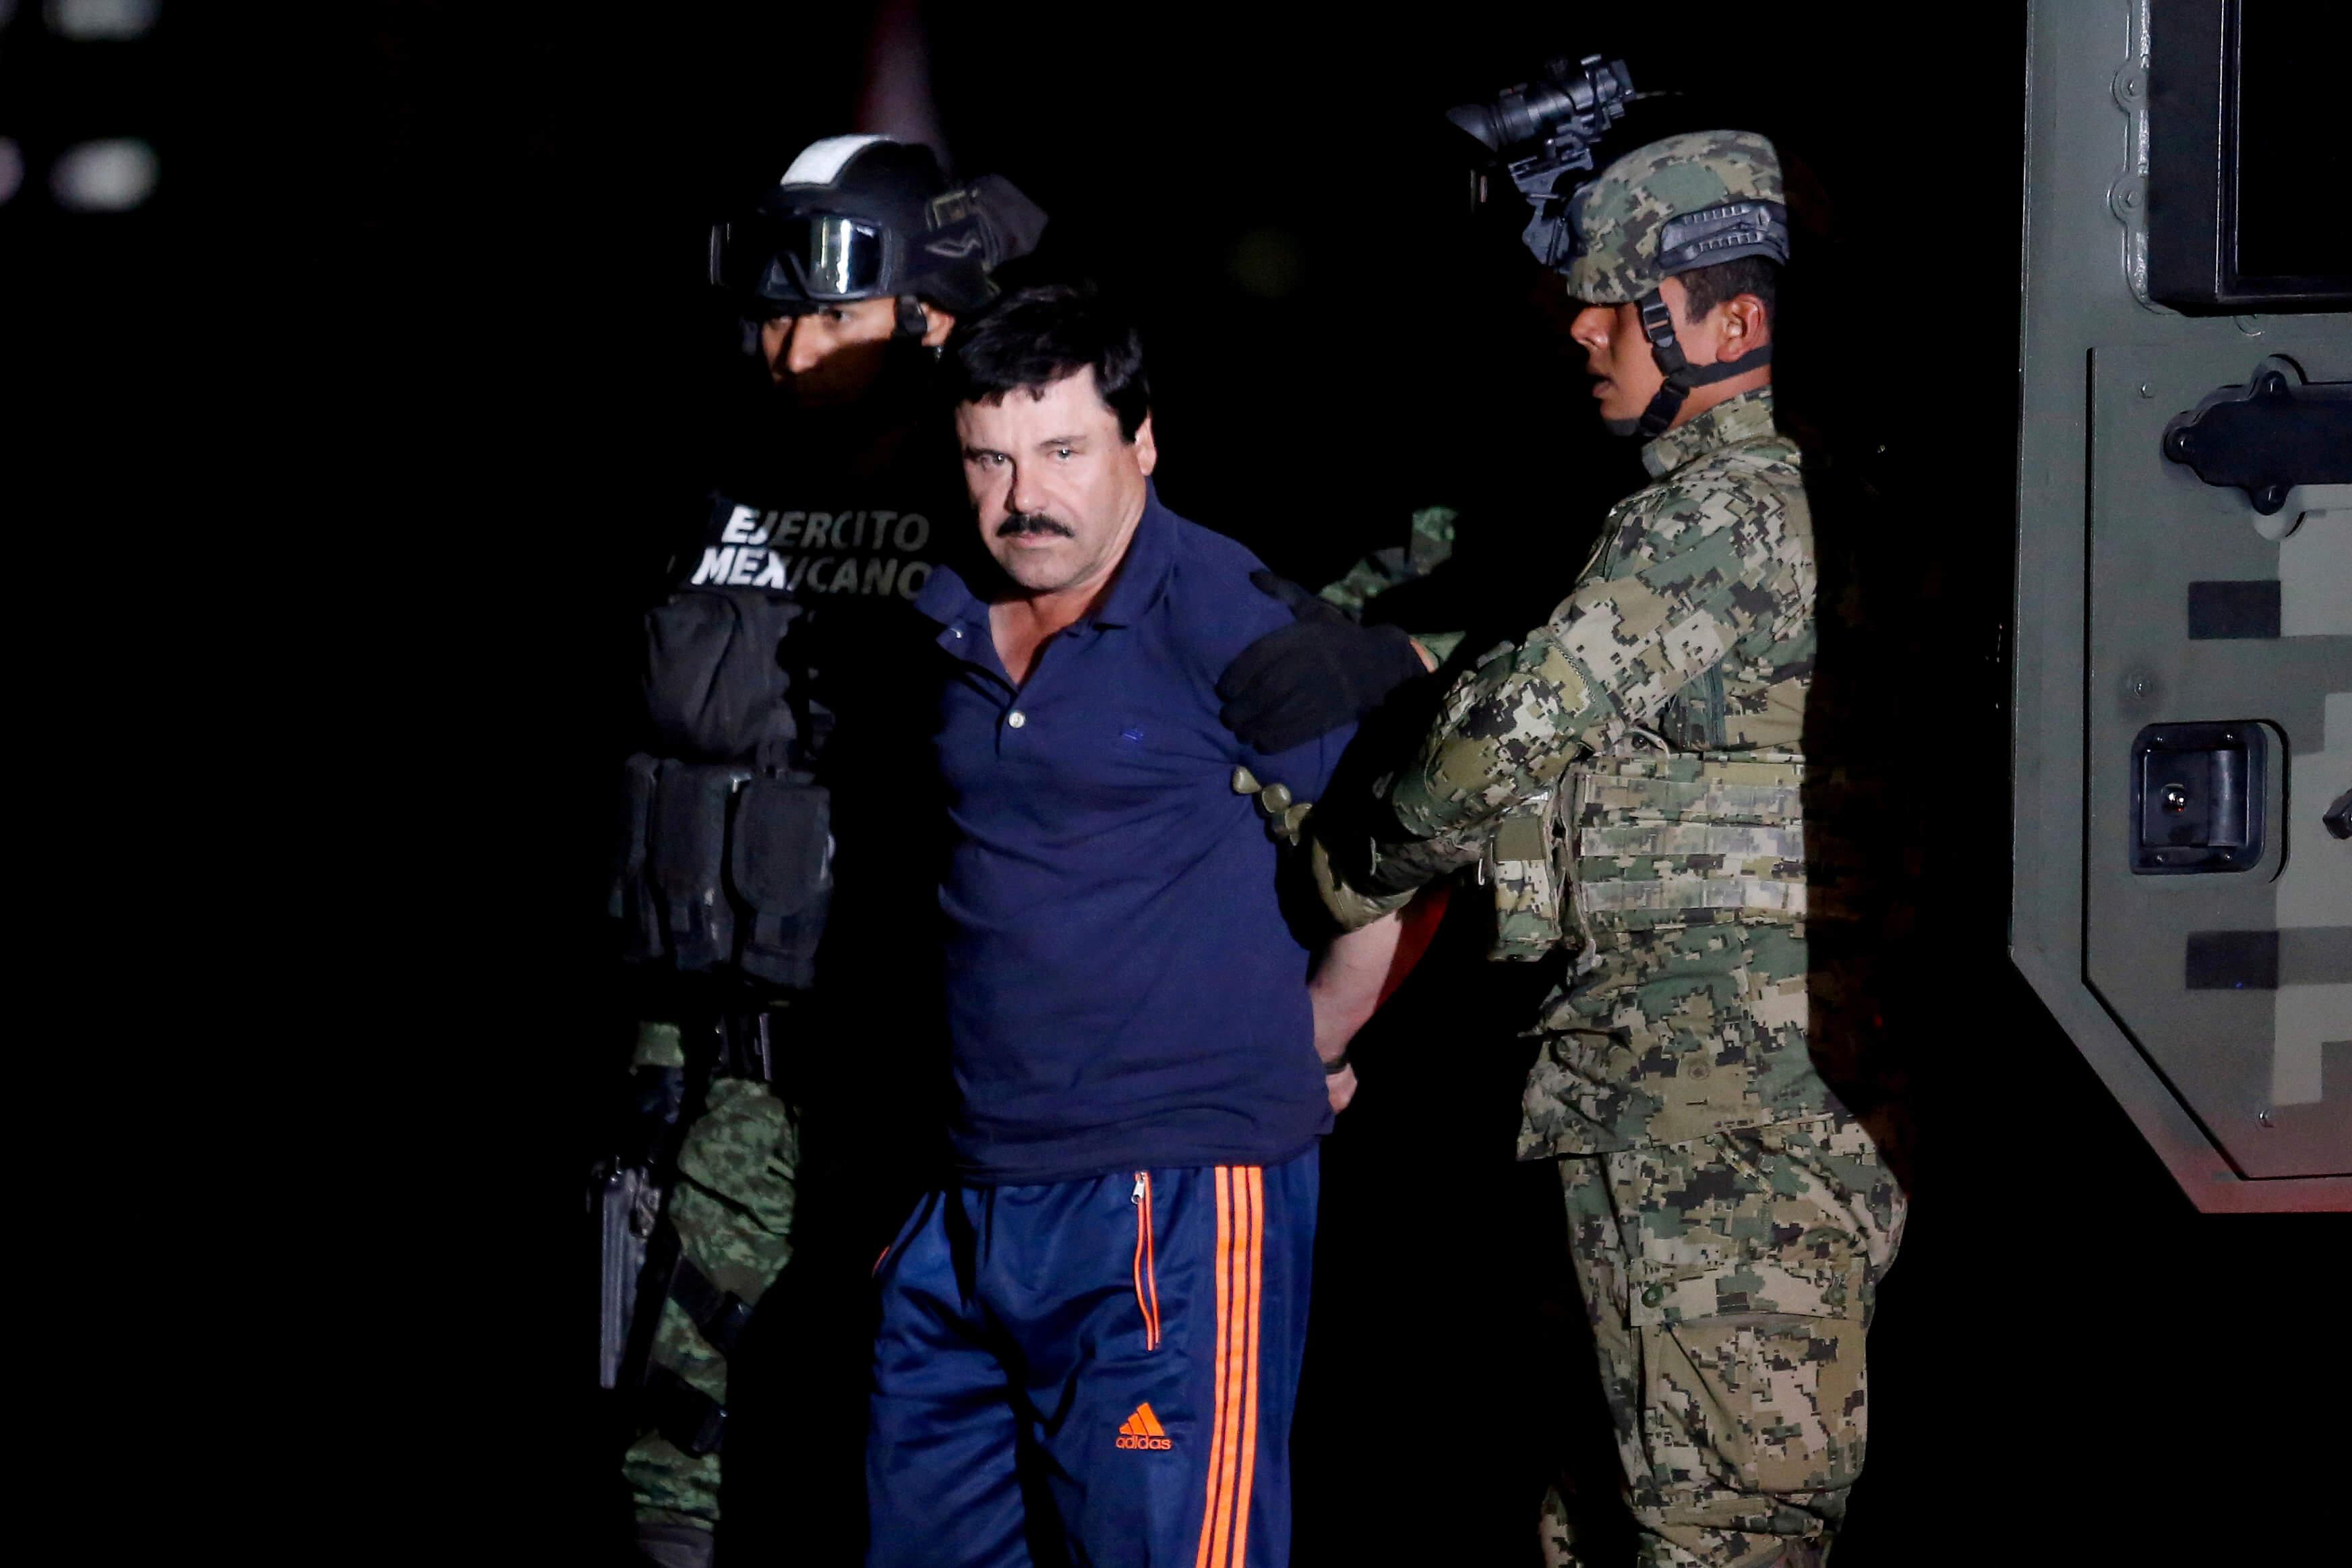 Ελ Τσάπο: Ο κοντοπίθαρος είχε δωμάτιο φόνων με ειδικό σιφόνι για να φεύγει το αίμα!